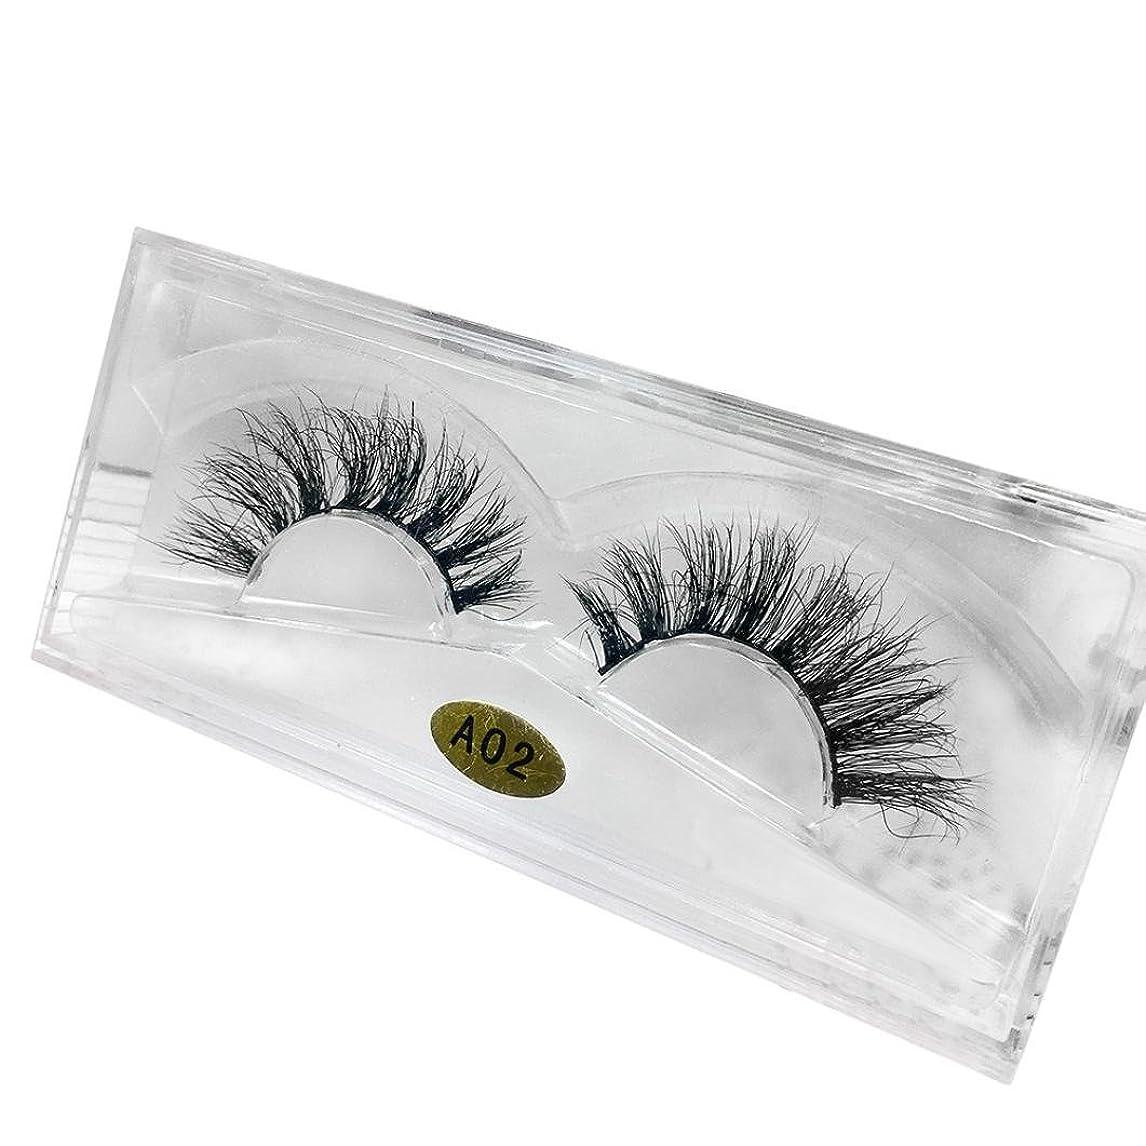 松の木優先ほかにFeteso 1ペア つけまつげ 上まつげ 3D Eyelashes アイラッシュ ビューティー まつげエクステ レディース 化粧ツール アイメイクアップ 人気 ナチュラル ふんわり 装着簡単 綺麗 濃密